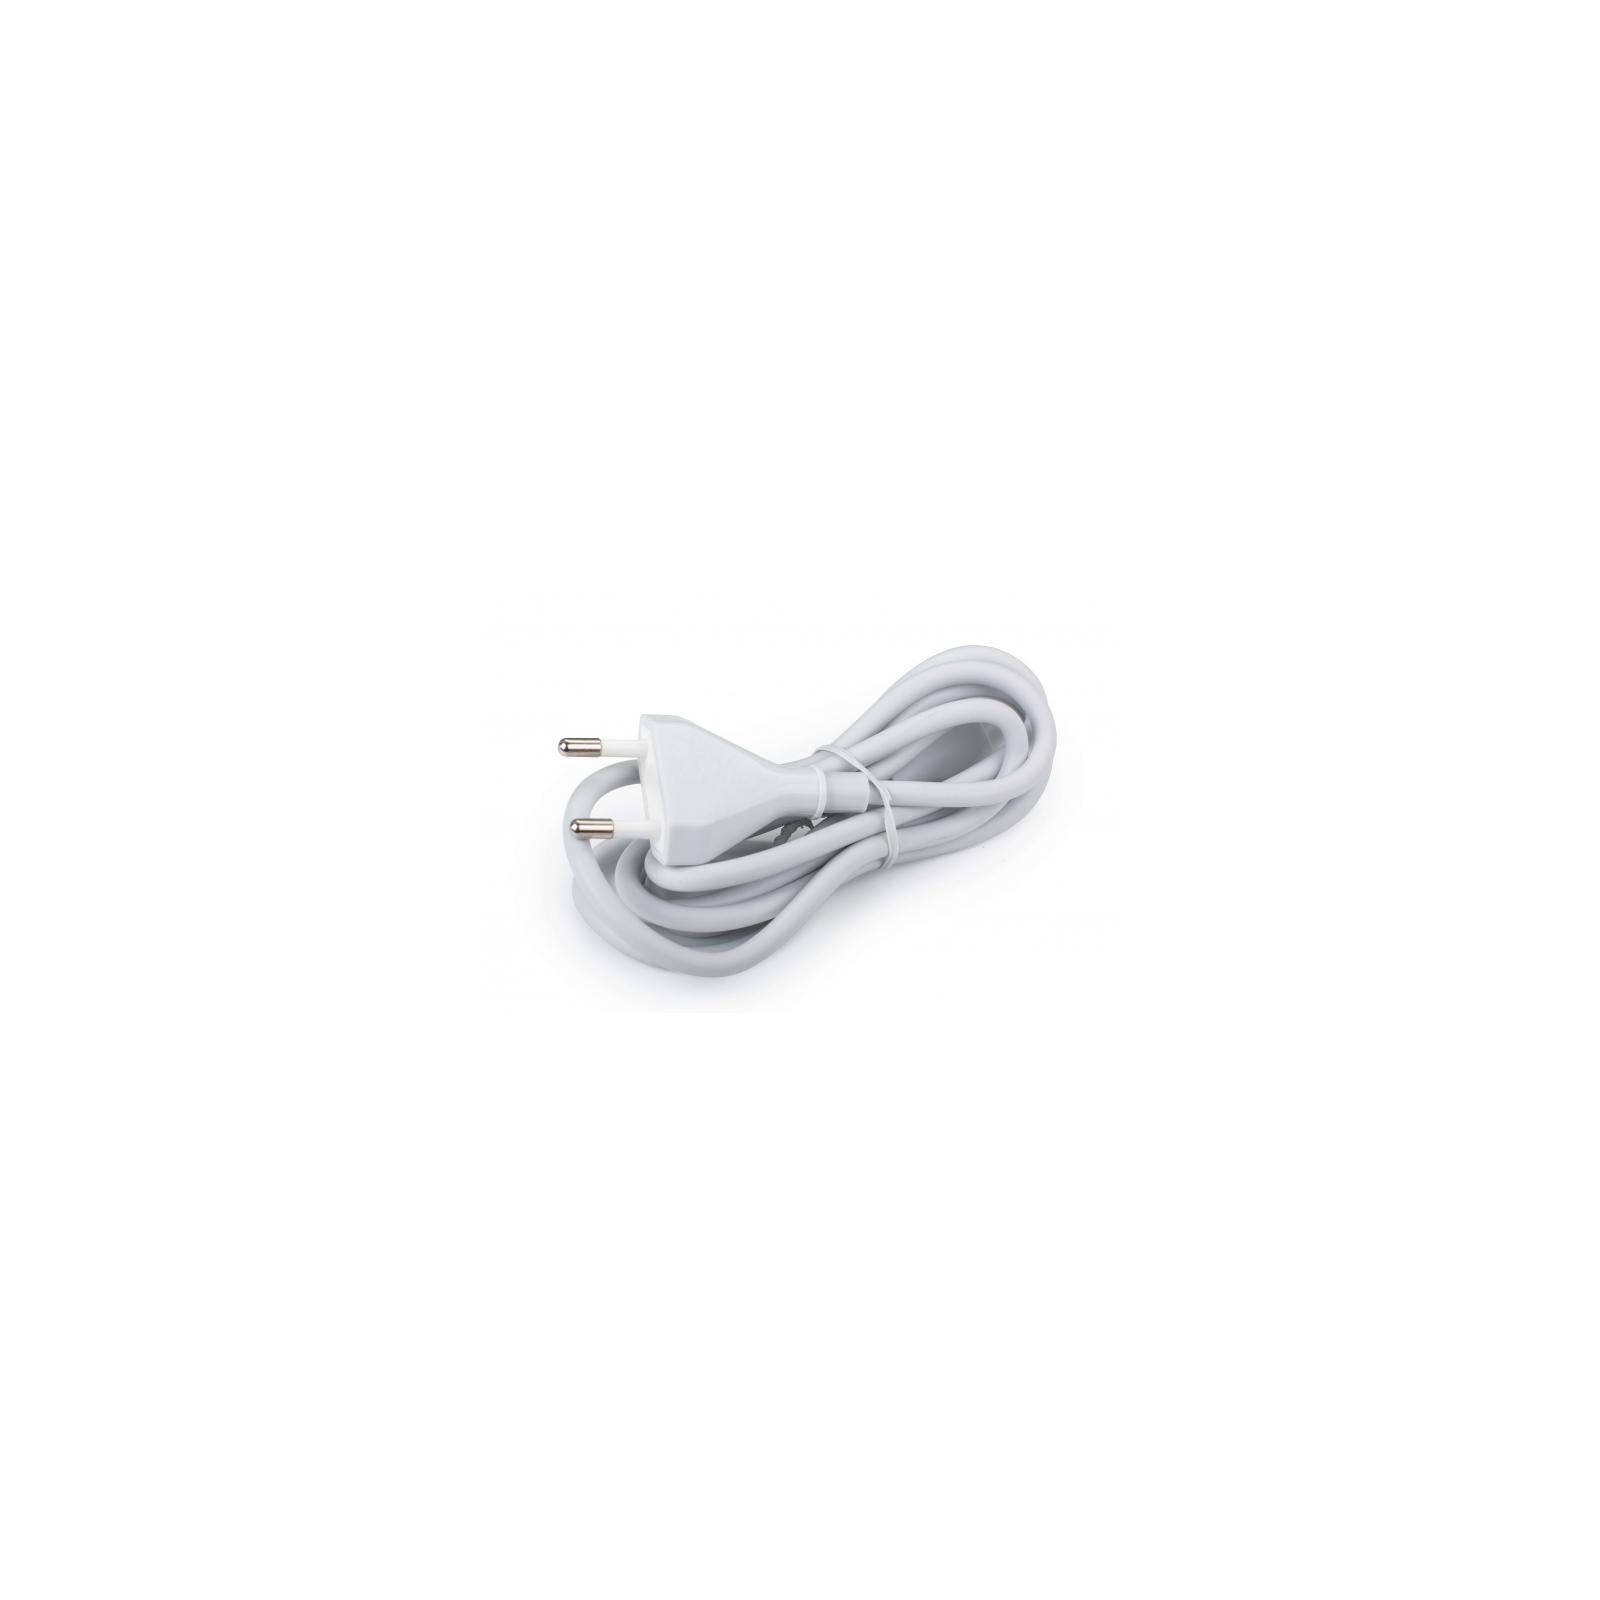 Зарядное устройство Drobak Multi Power 6*USB 6A (905320) изображение 4